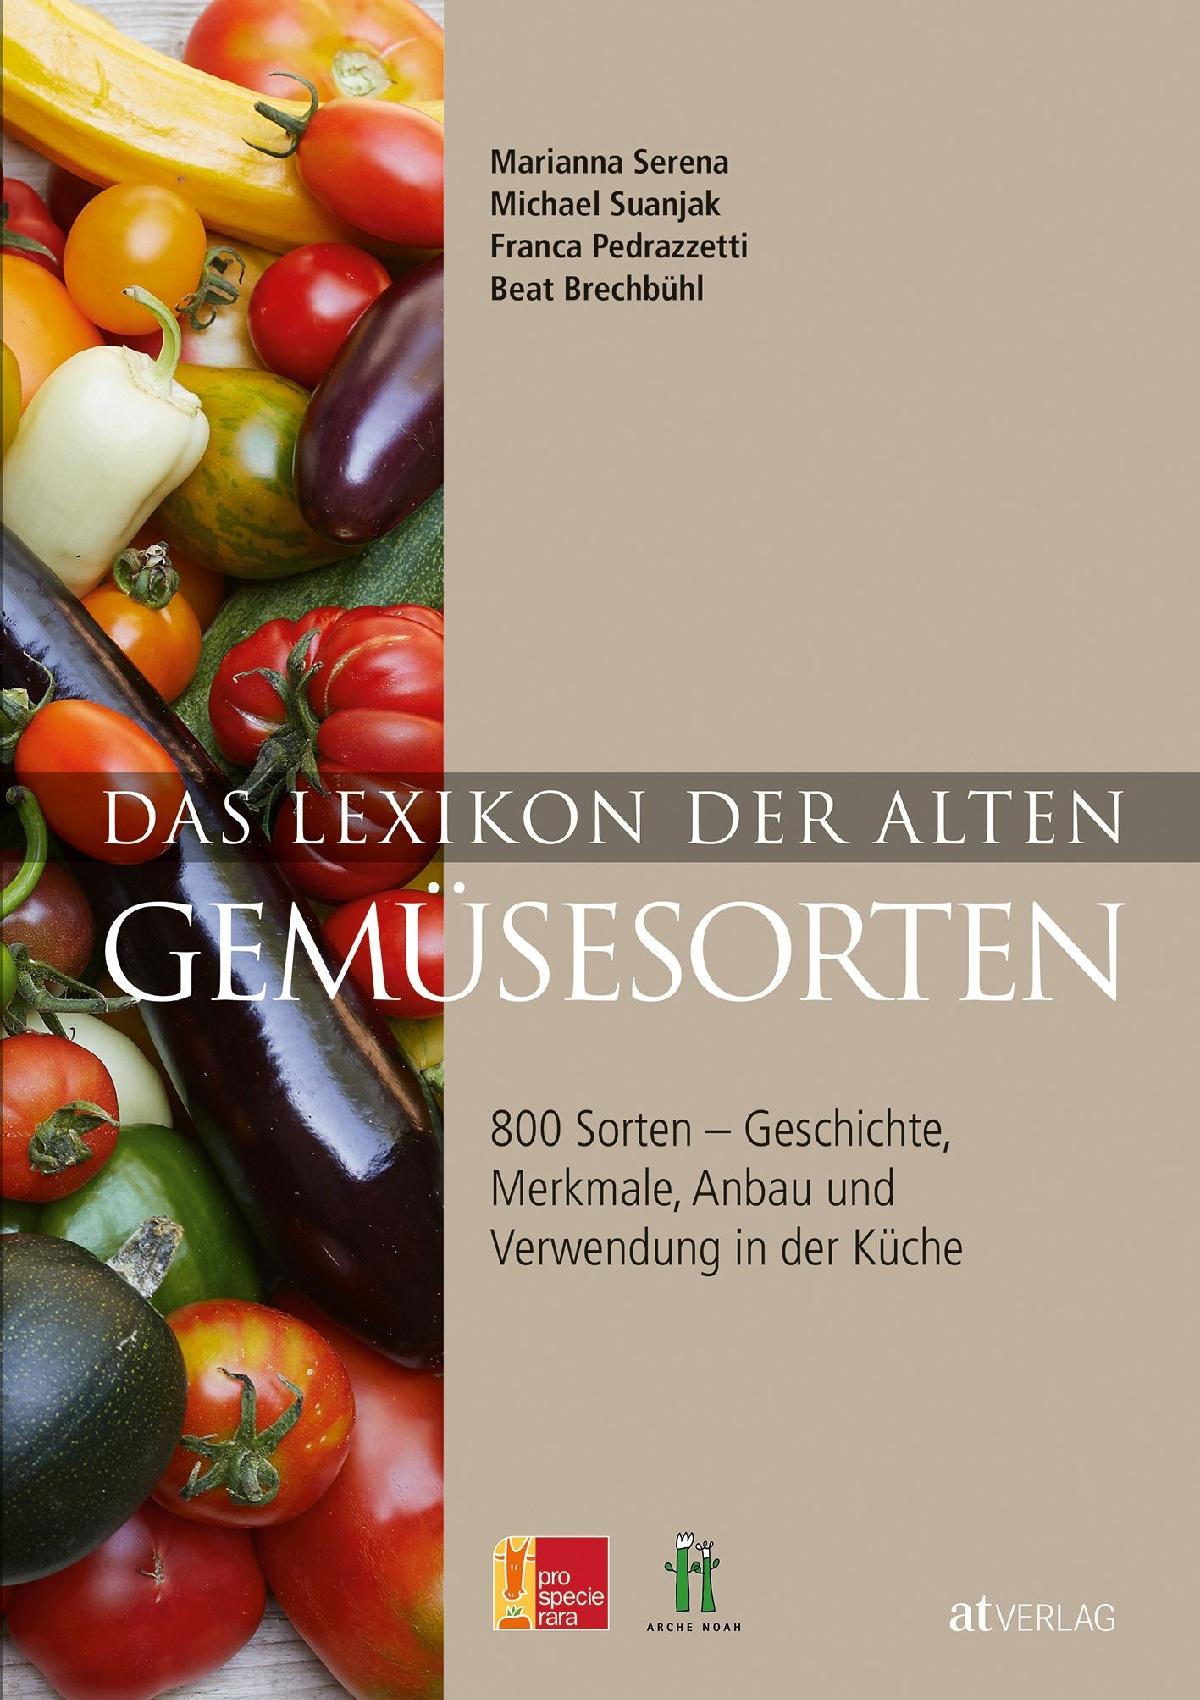 Buch: Das Lexikon der alten Gemüsesorten von Marianna Serena ...